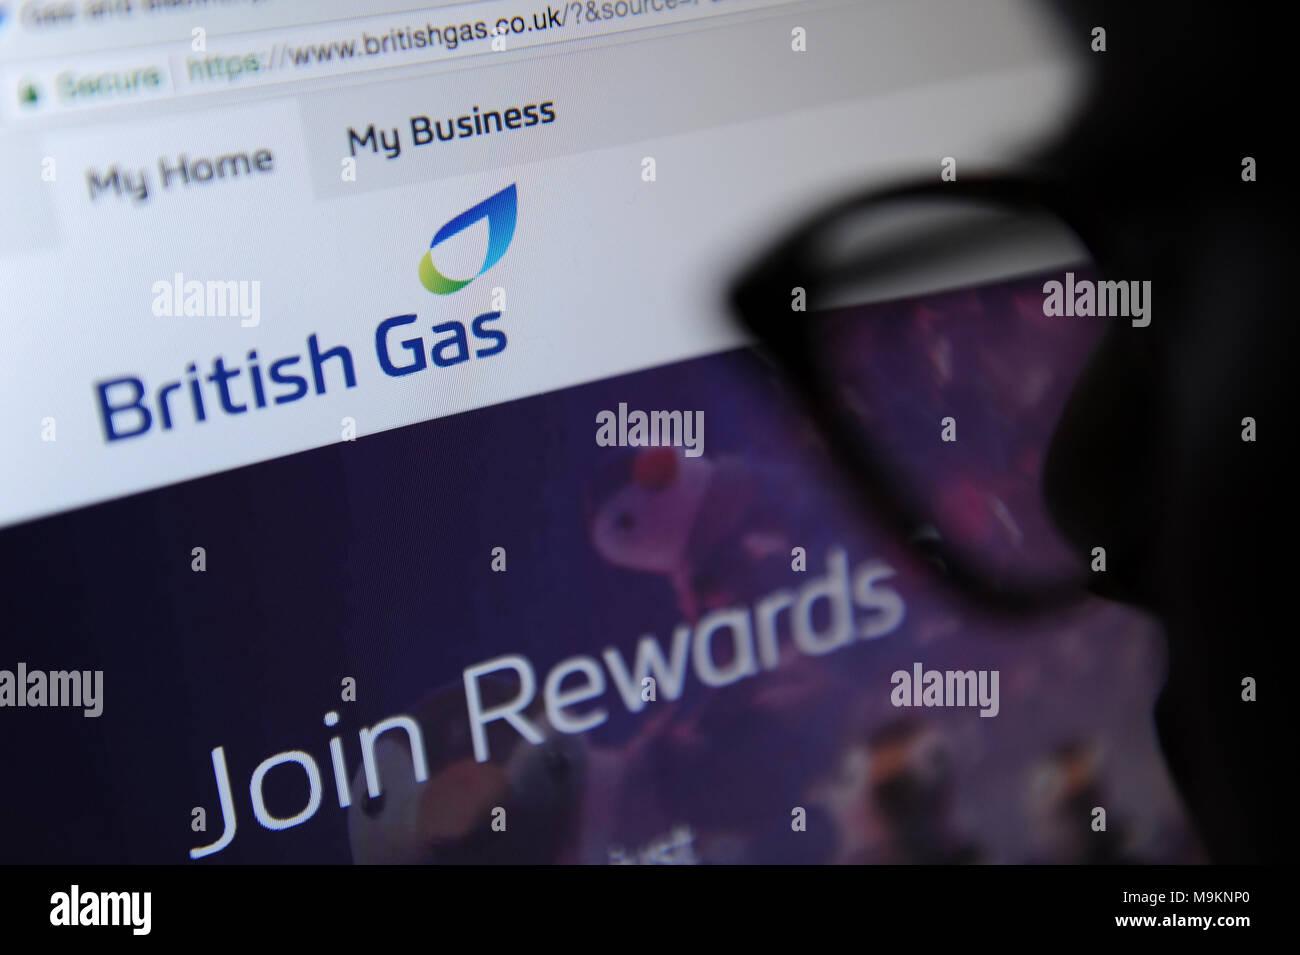 british gas rewards